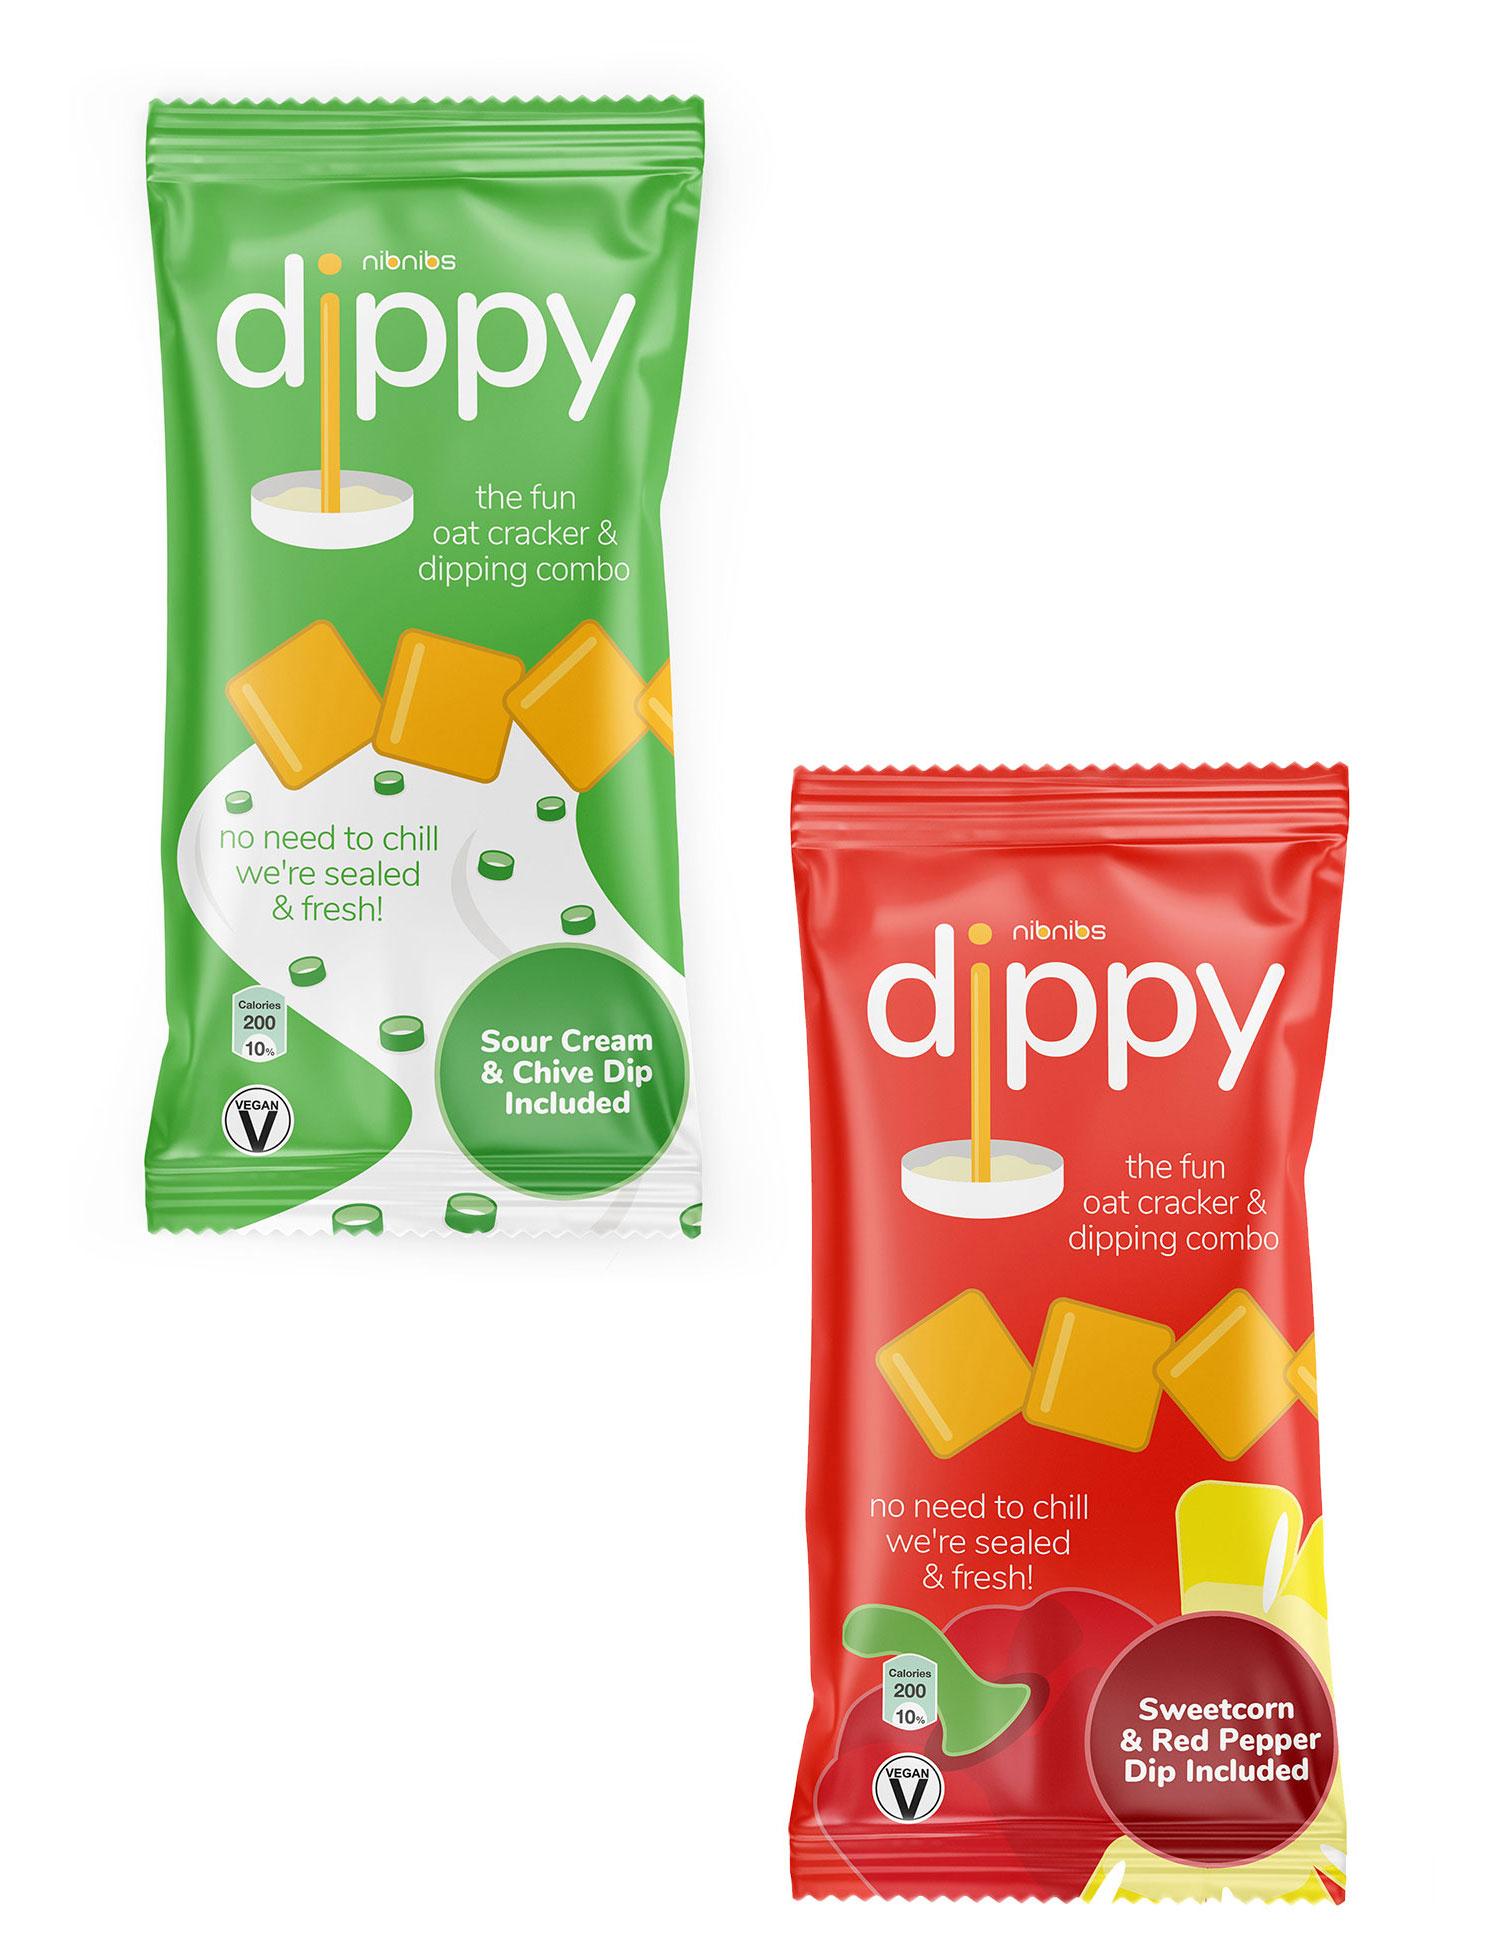 nibnibs Packaging Design